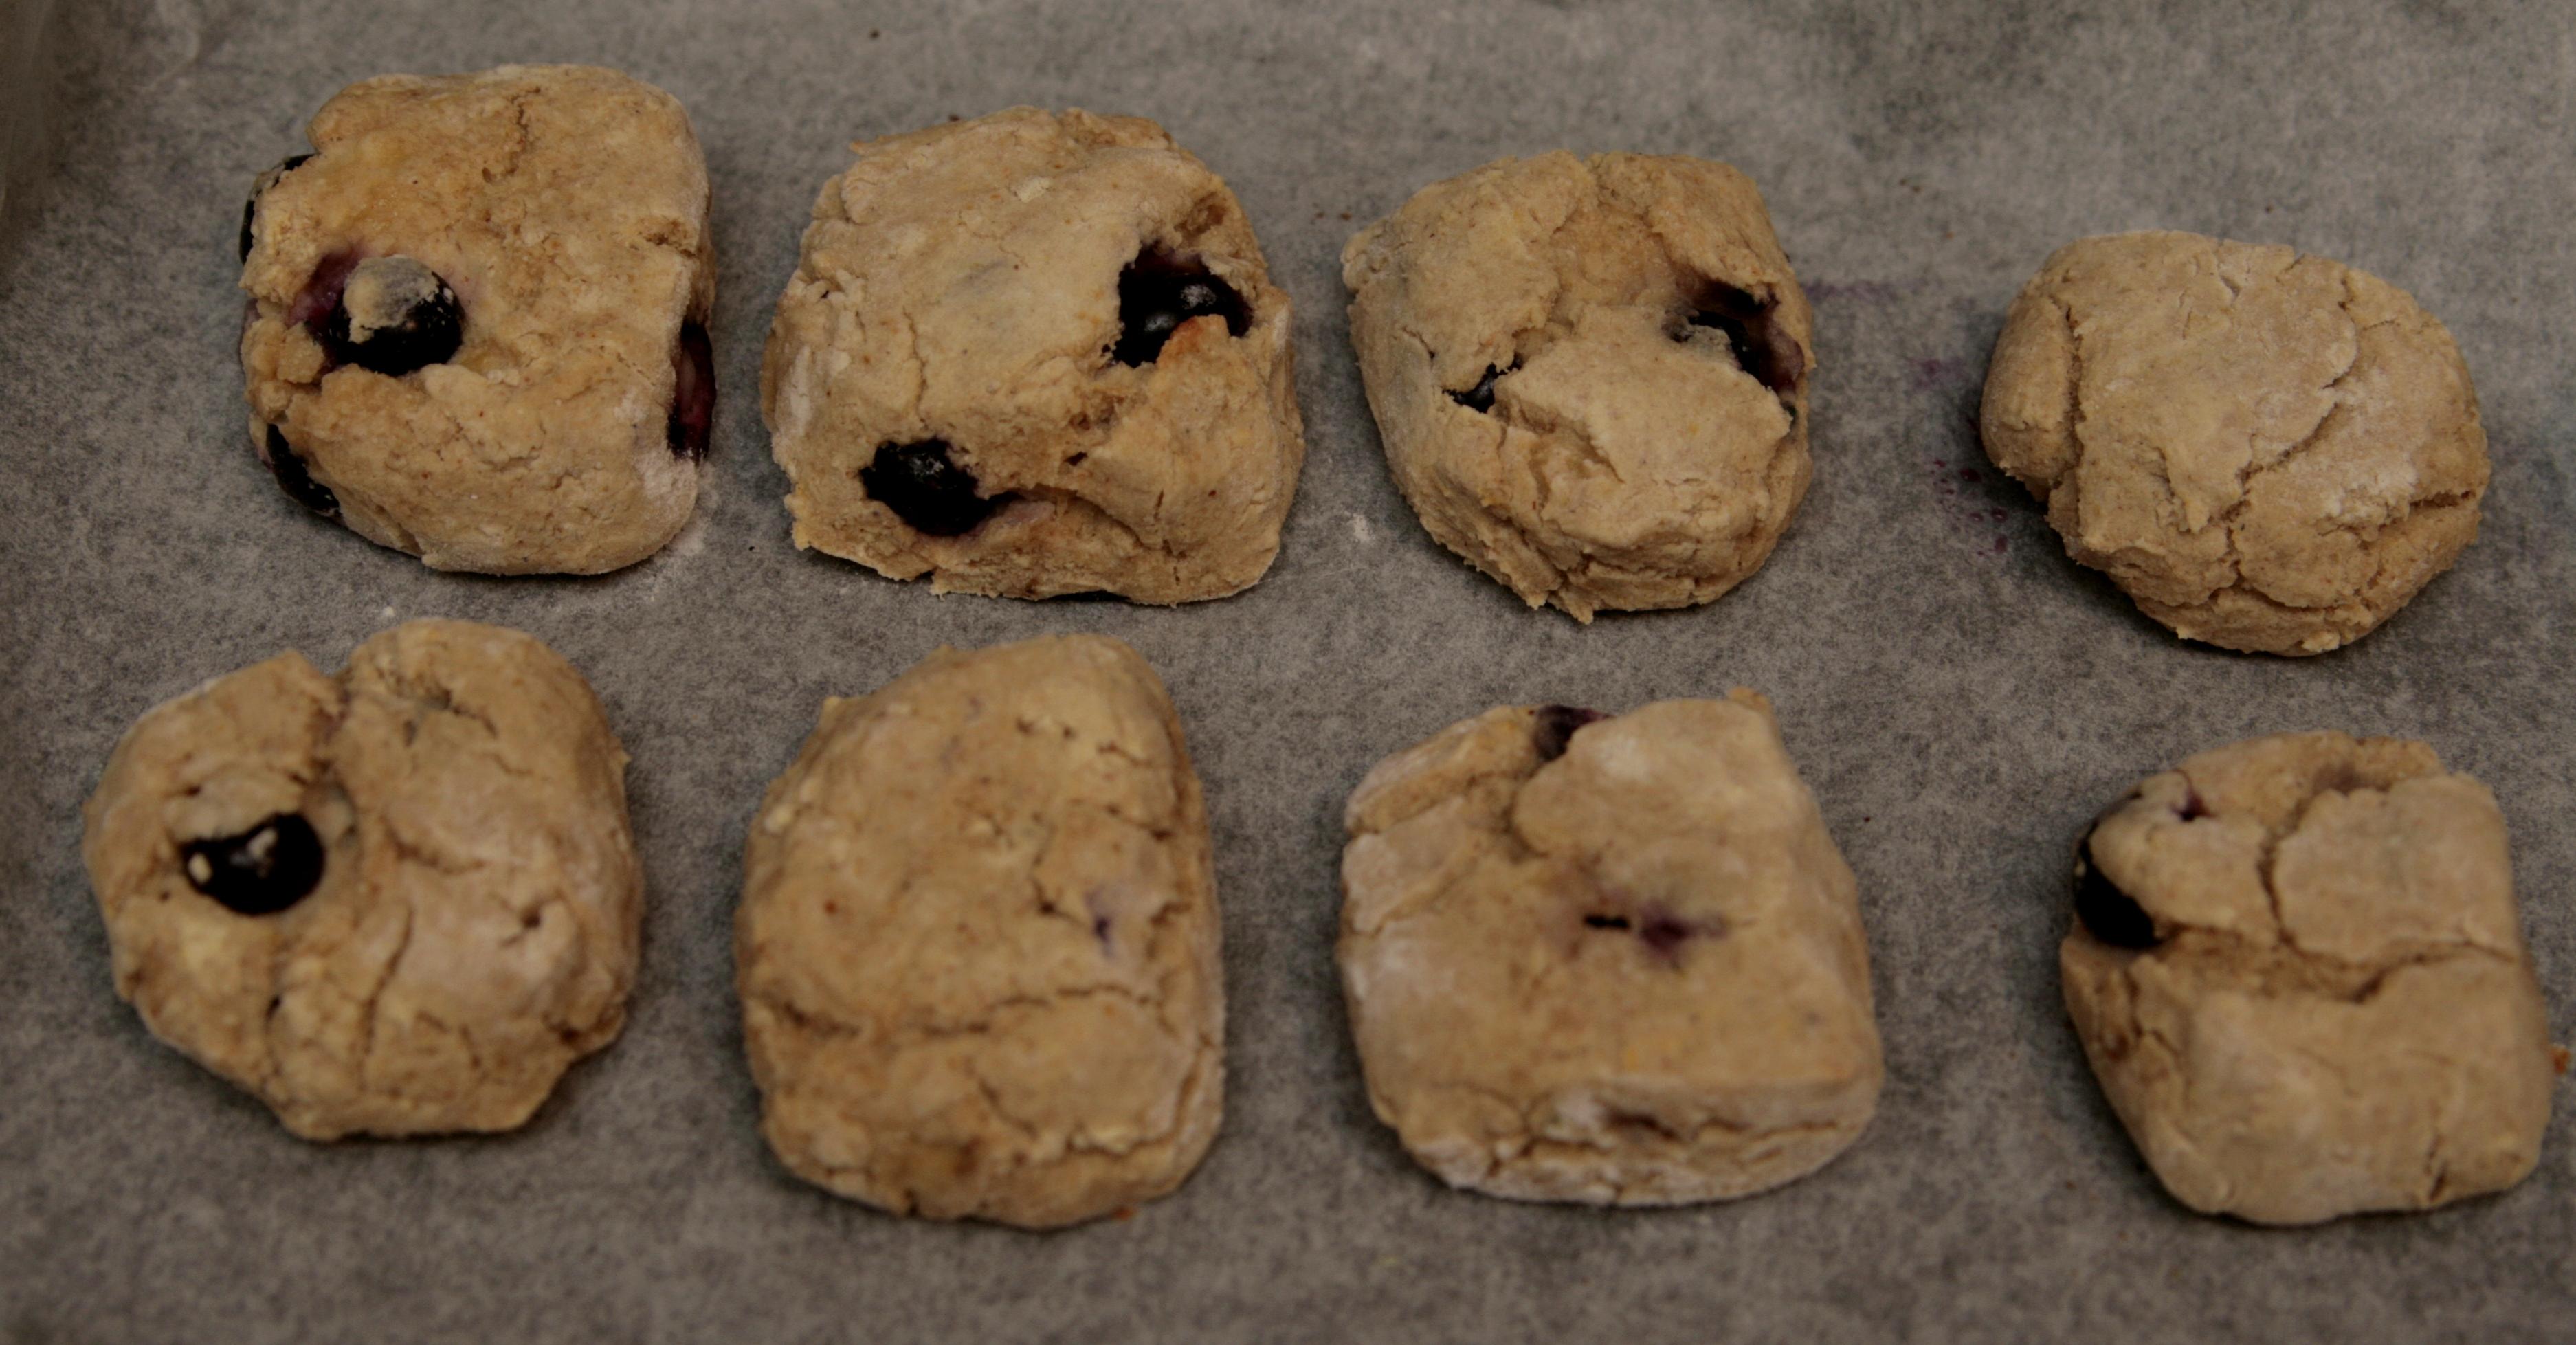 Cytrynowe scones z borówkami wegańskie i bezglutenowe